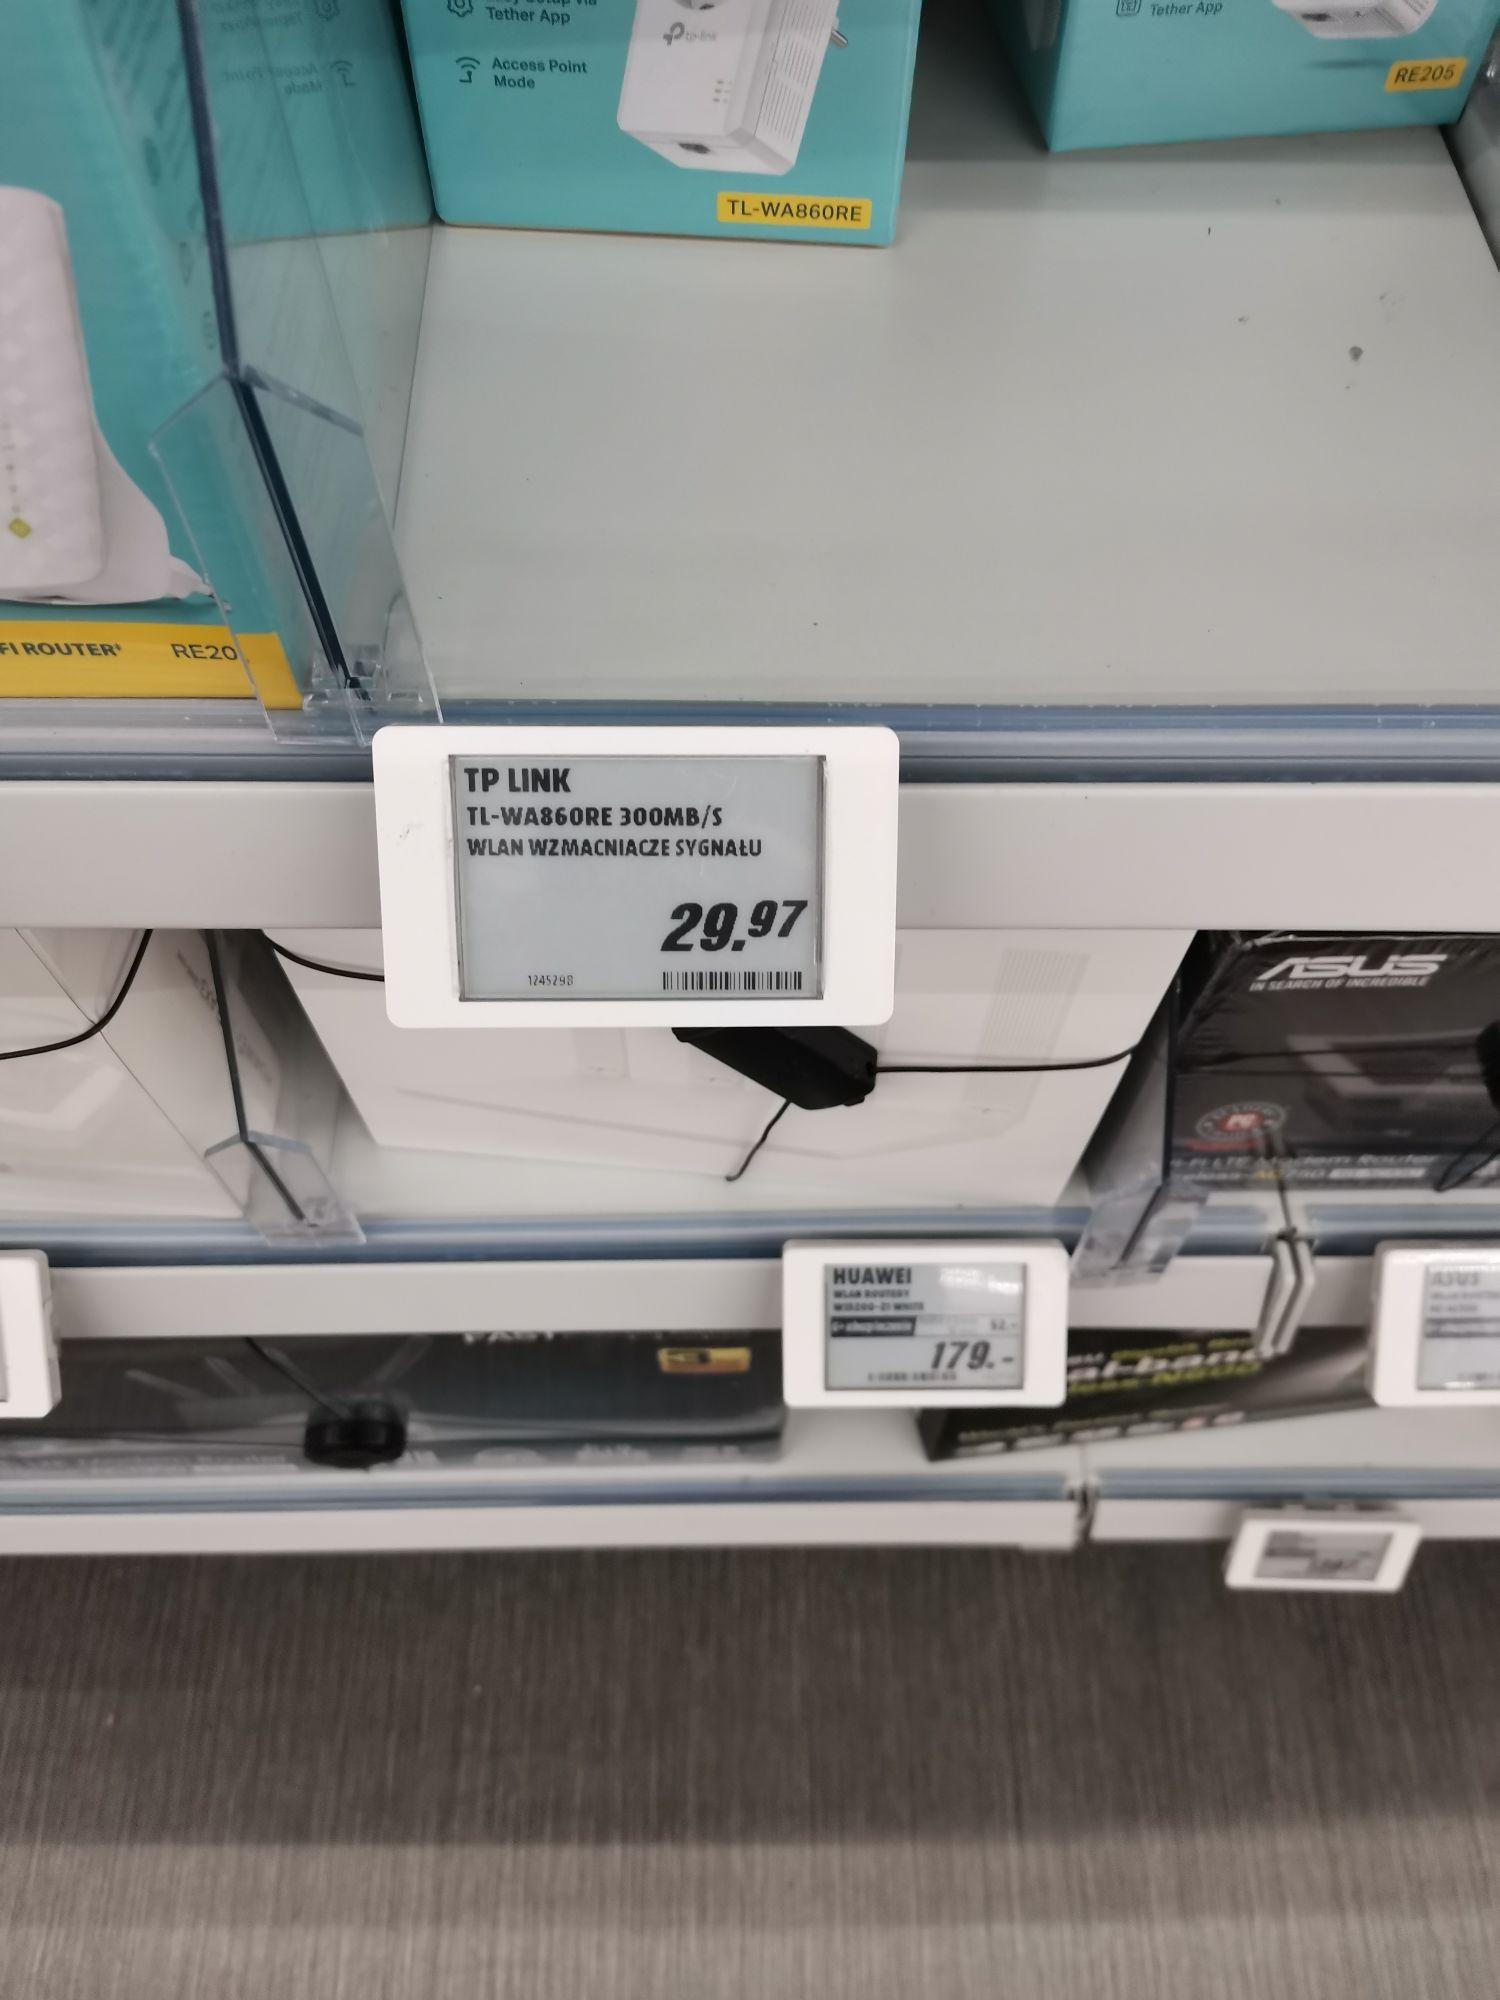 Wzmacniacz WiFi TP link TL wa860re - Media Markt Warszawa